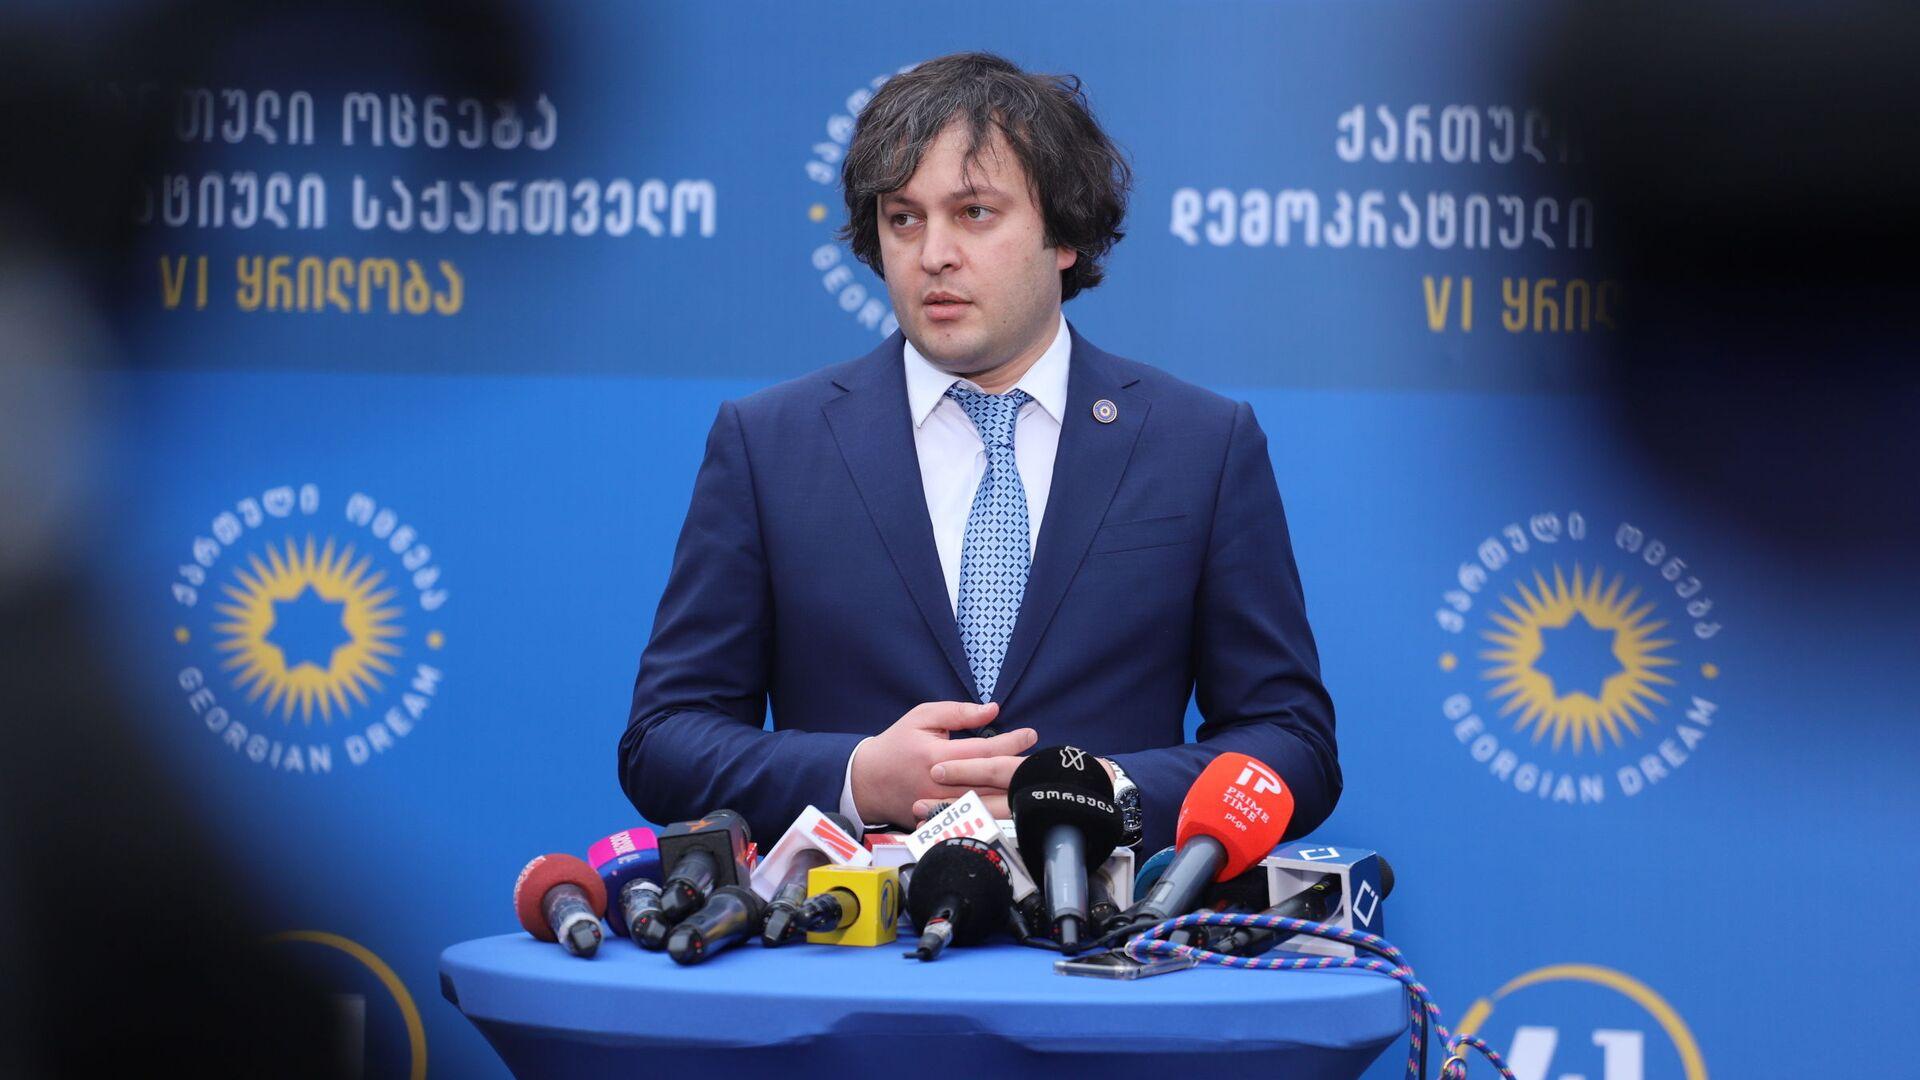 Ираклий Кобахидзе. Съезд правящей партии Грузинская мечта 16 января 2021 года - Sputnik Грузия, 1920, 02.02.2021